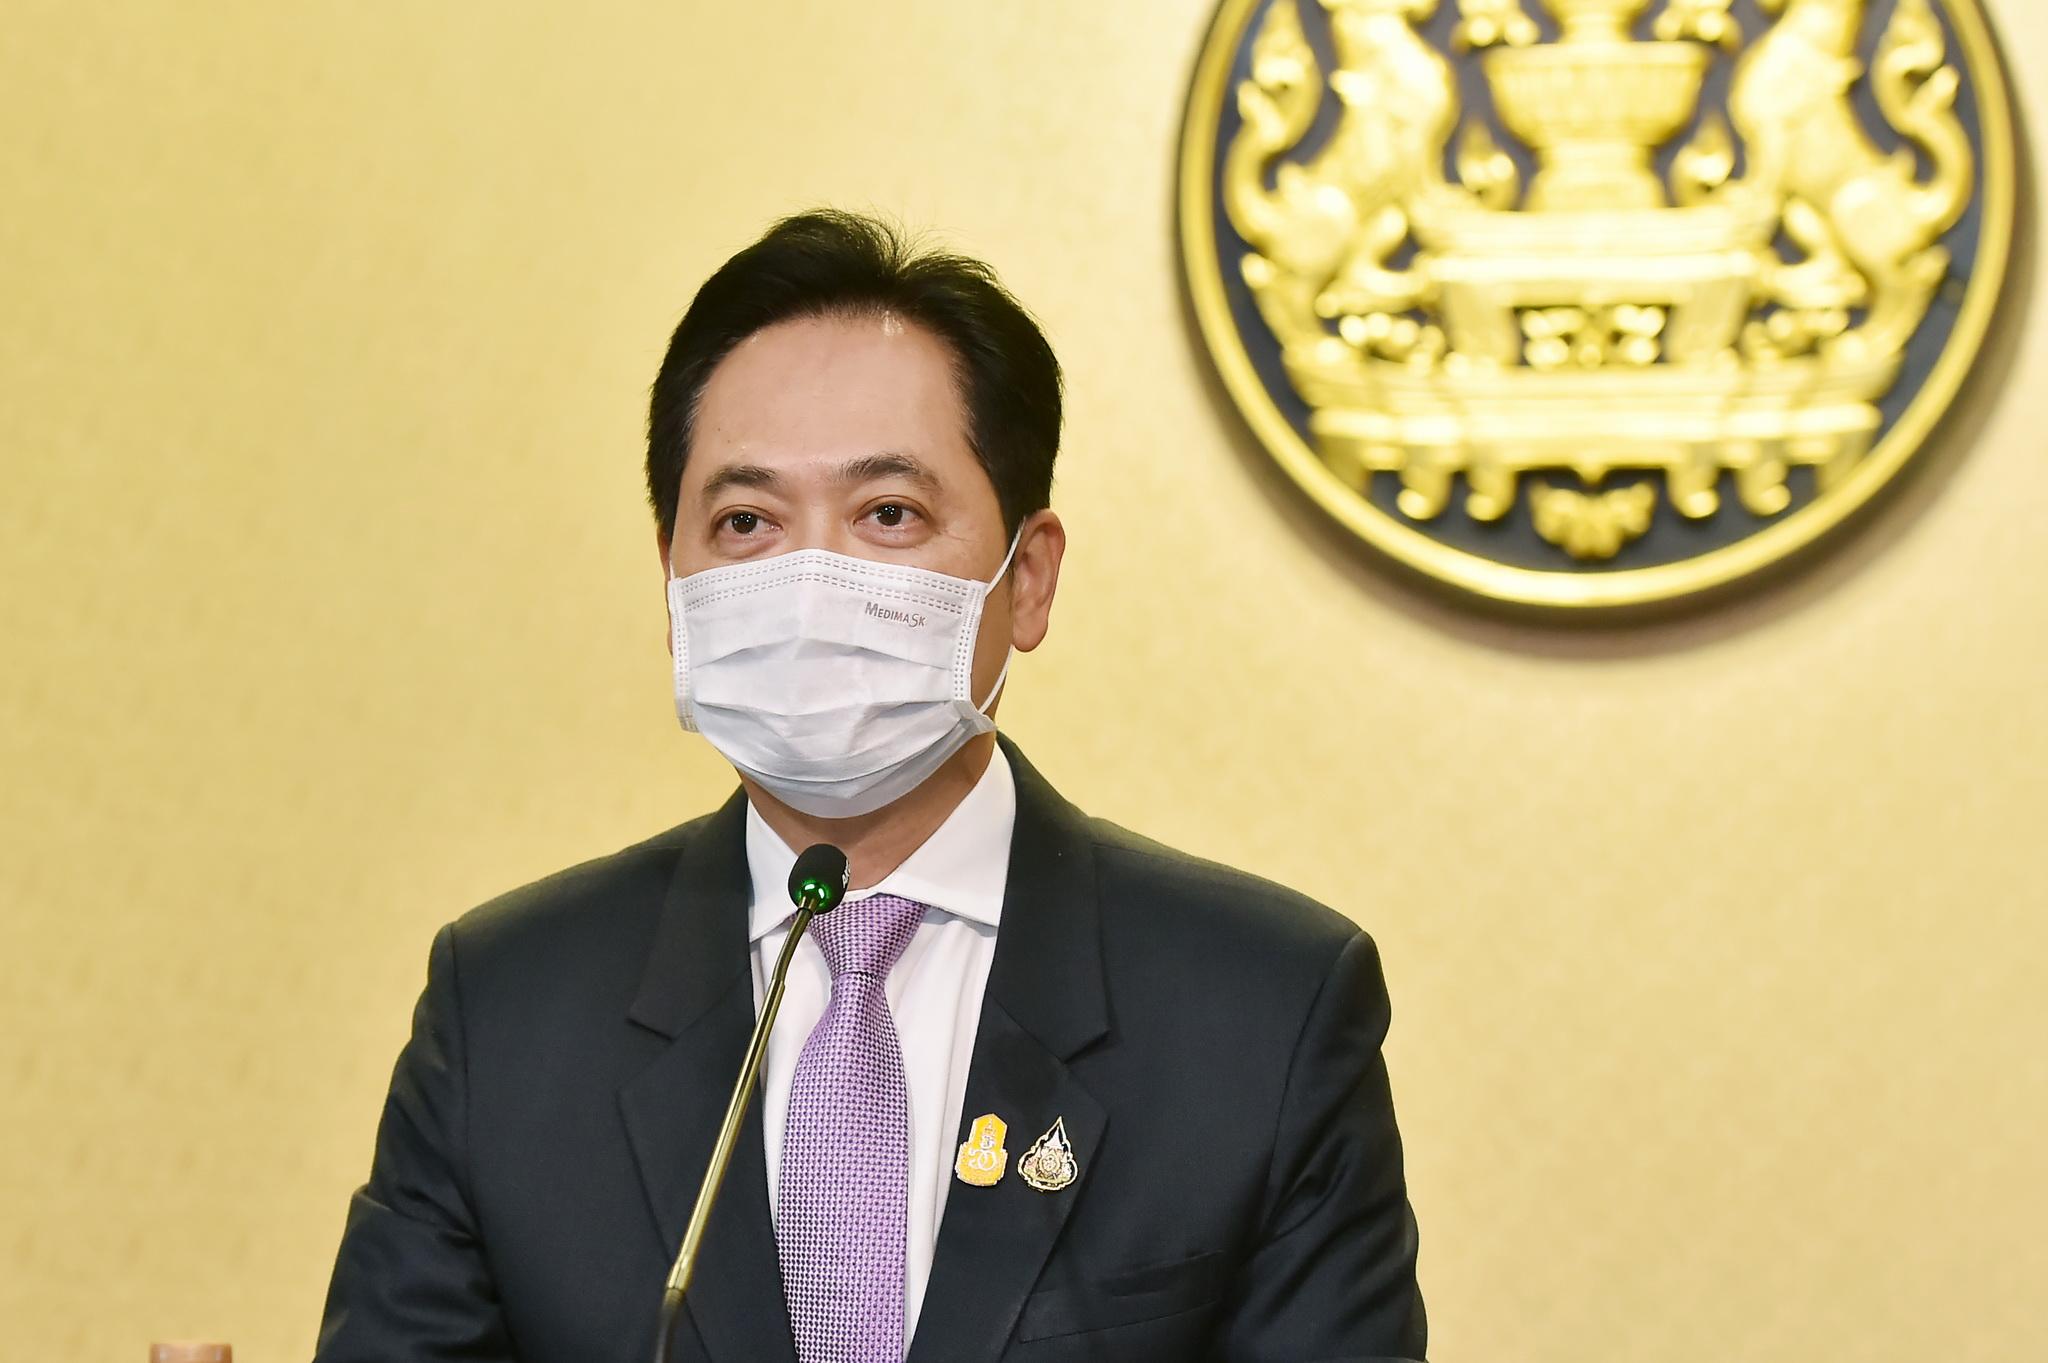 รัฐบาลพร้อมให้สัญชาติไทยโค้ชเช